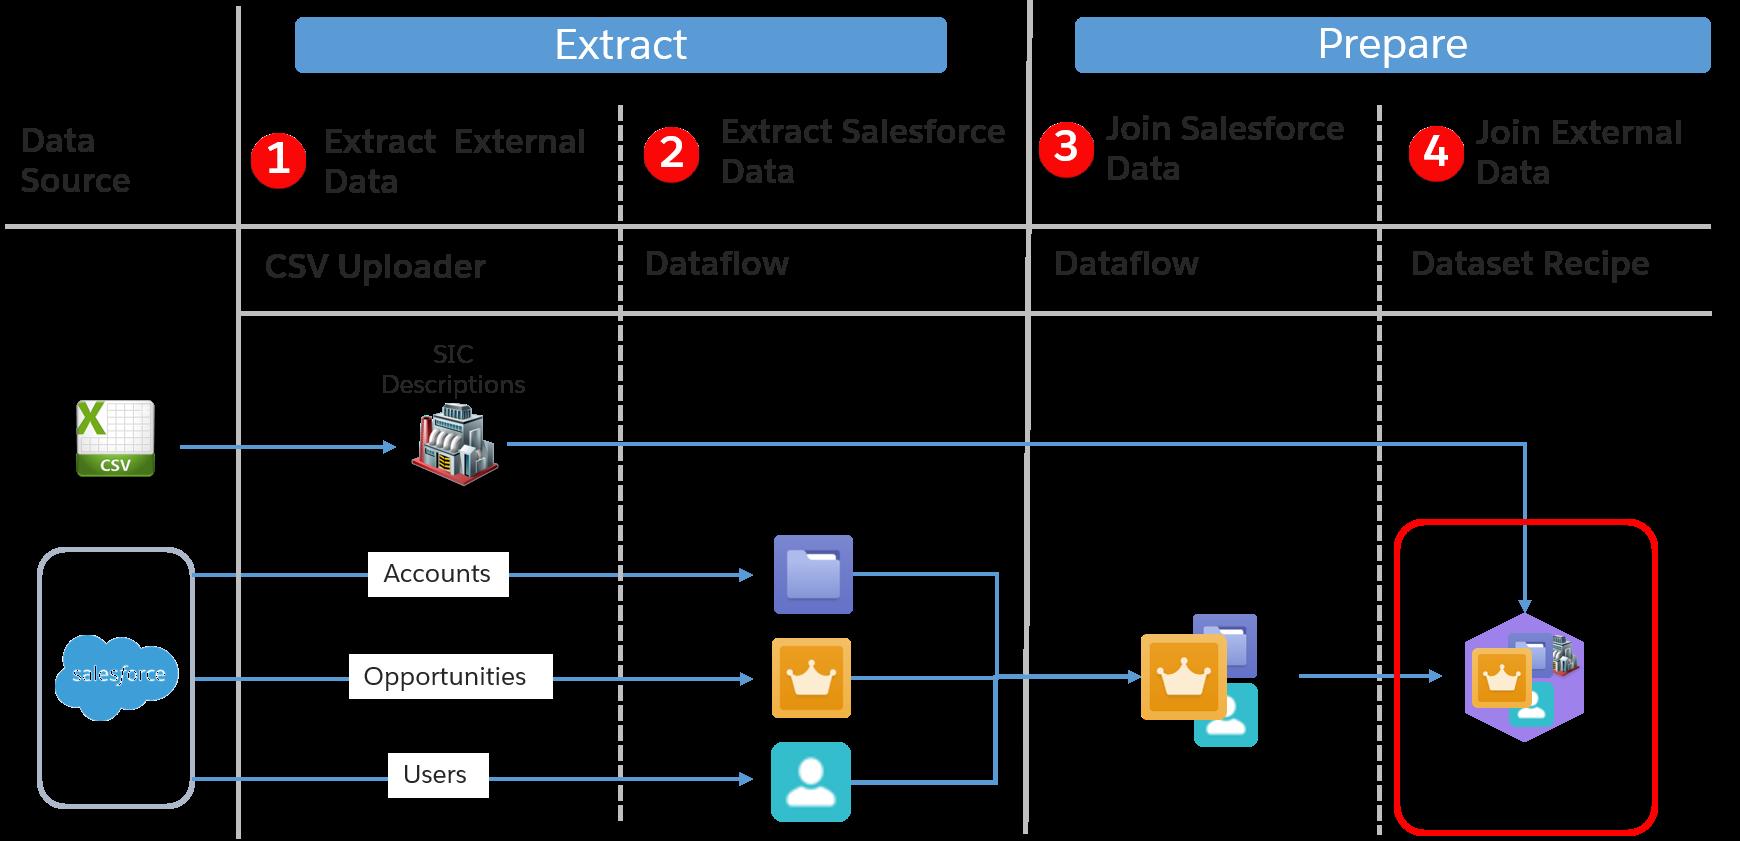 Darstellung der Datenroute mit markiertem Datenrezeptschritt zum Zusammenführen externer Daten